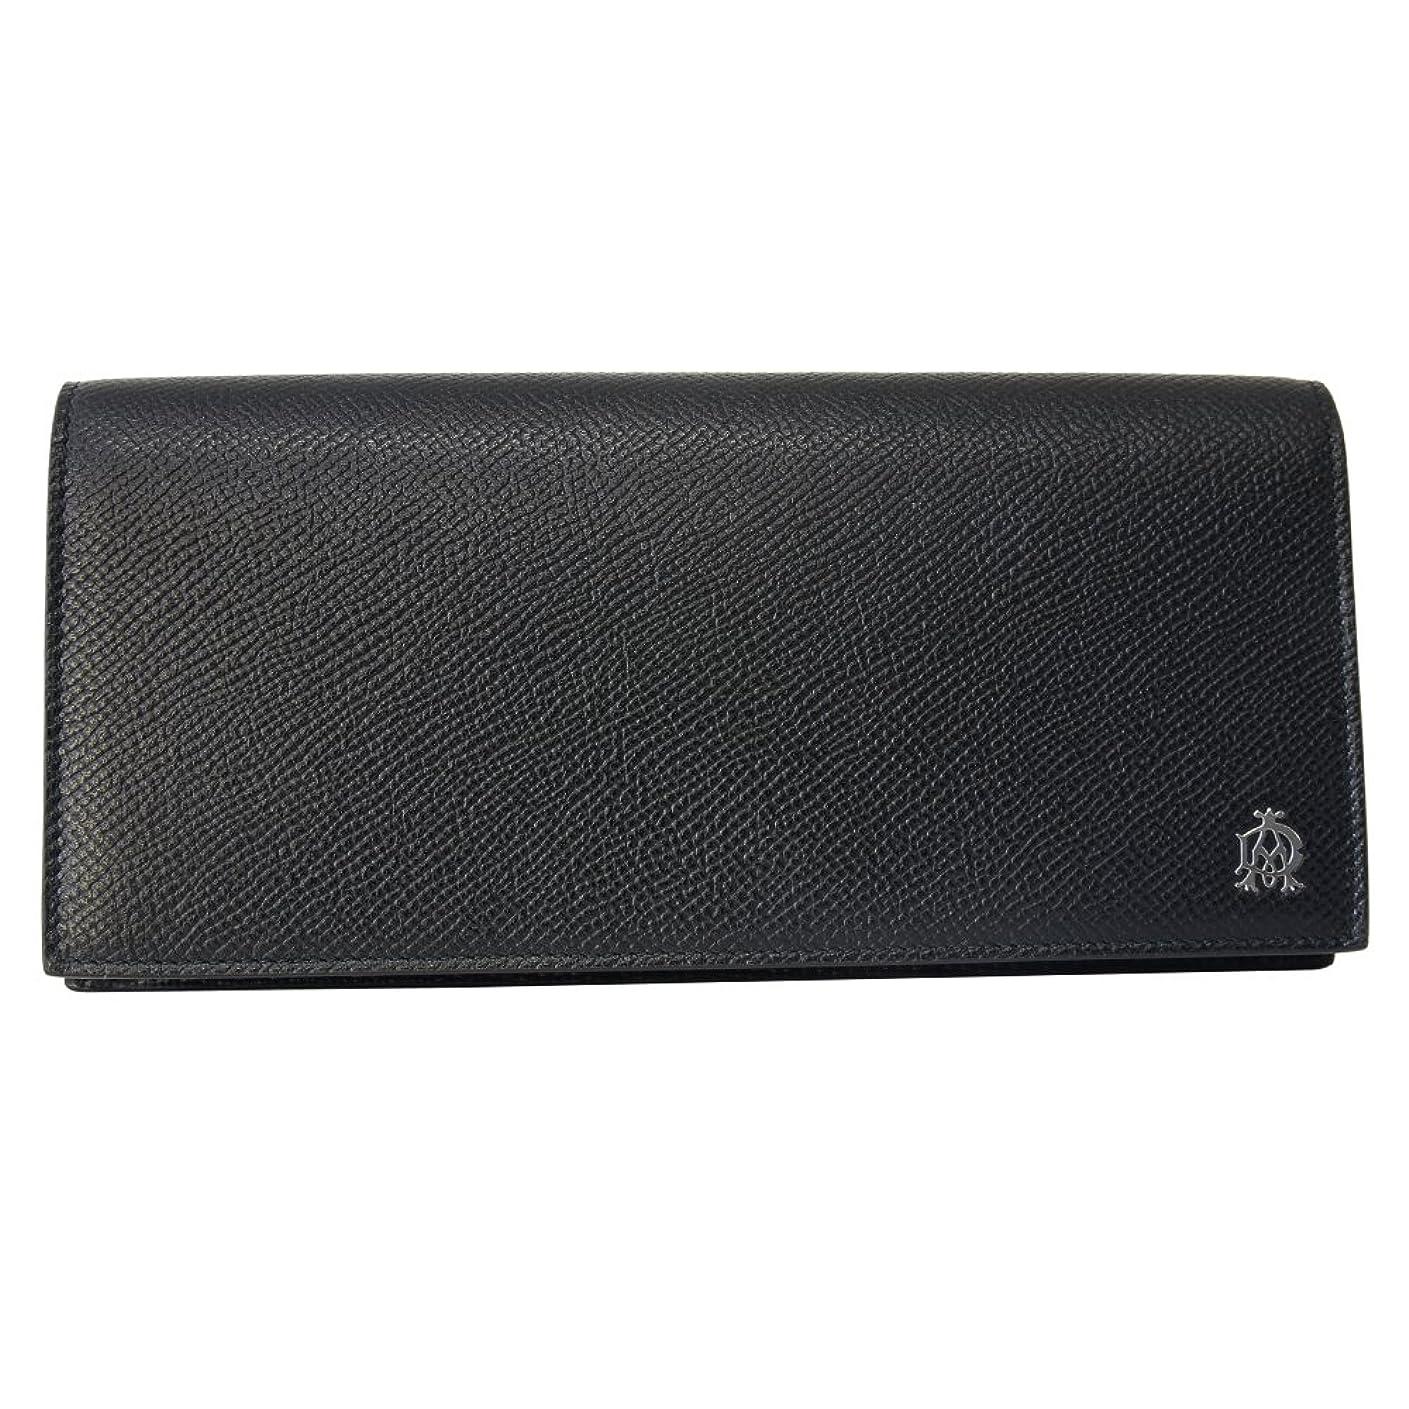 アロングきらめきピアノ[ダンヒル] DUNHILL 長財布 L2AC10A 二つ折り長財布 かぶせ蓋 フラップ ウォレット CADOGAN カドガン BLACK [並行輸入品]